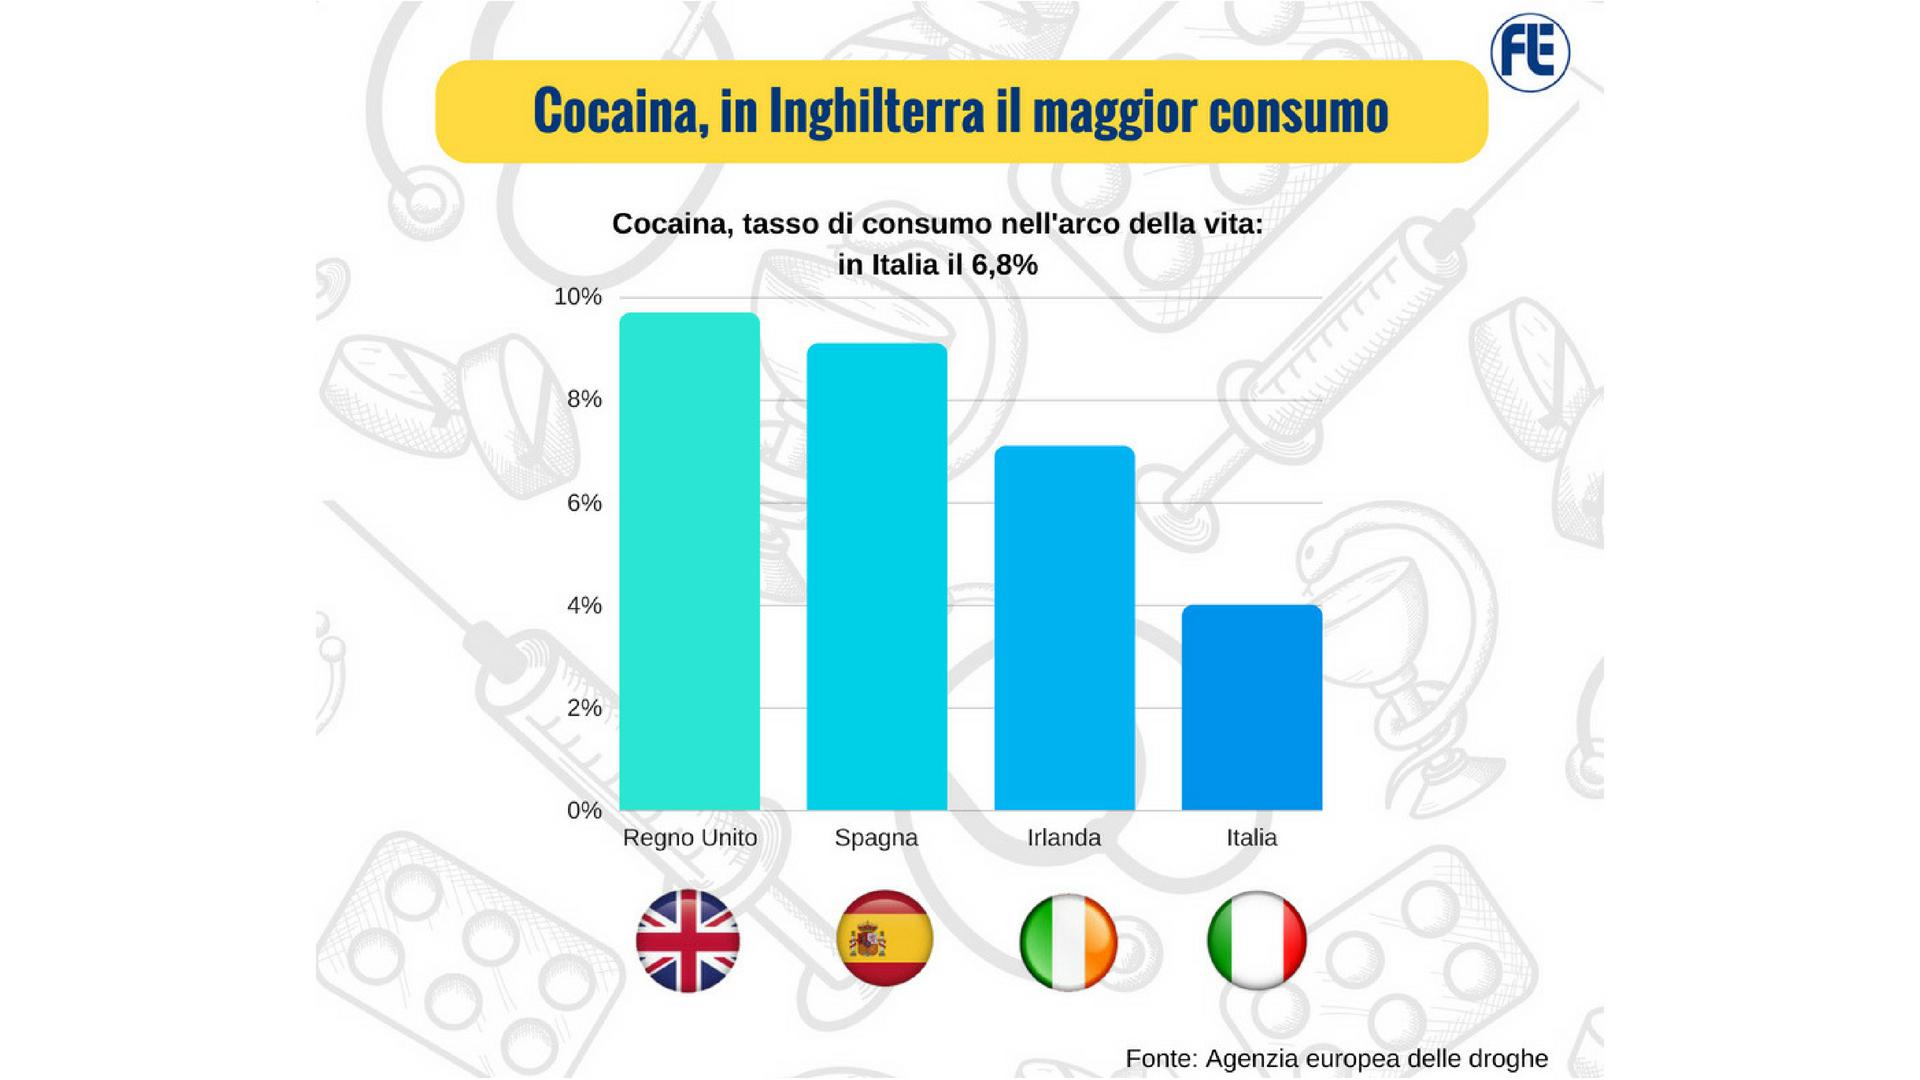 Droghe, Italia al quarto posto per uso di cocaina